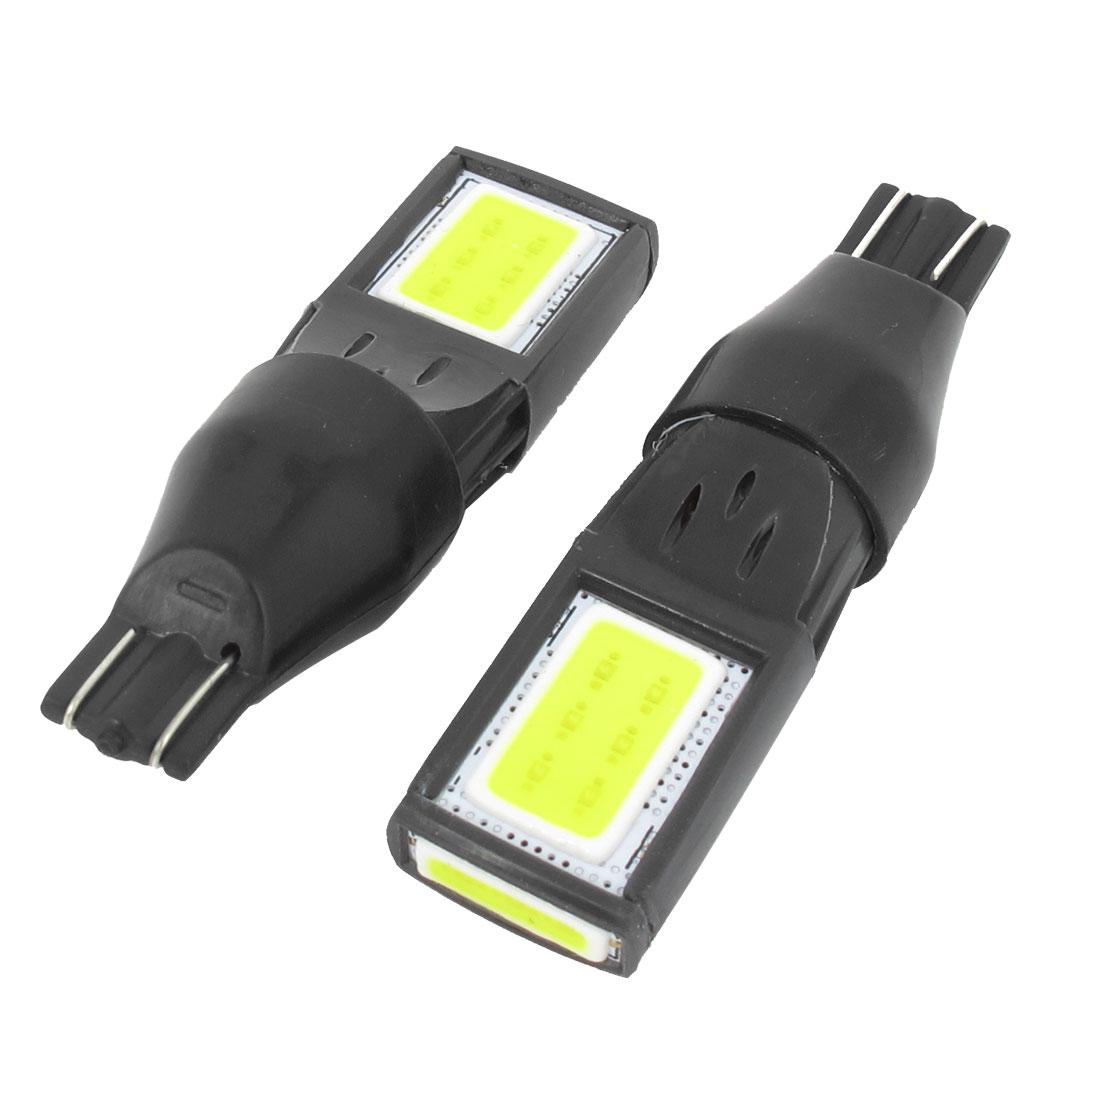 2 Pcs White LED 15 COB T15 8W Car Fog Light Brake Parking Backup Lamp Internal